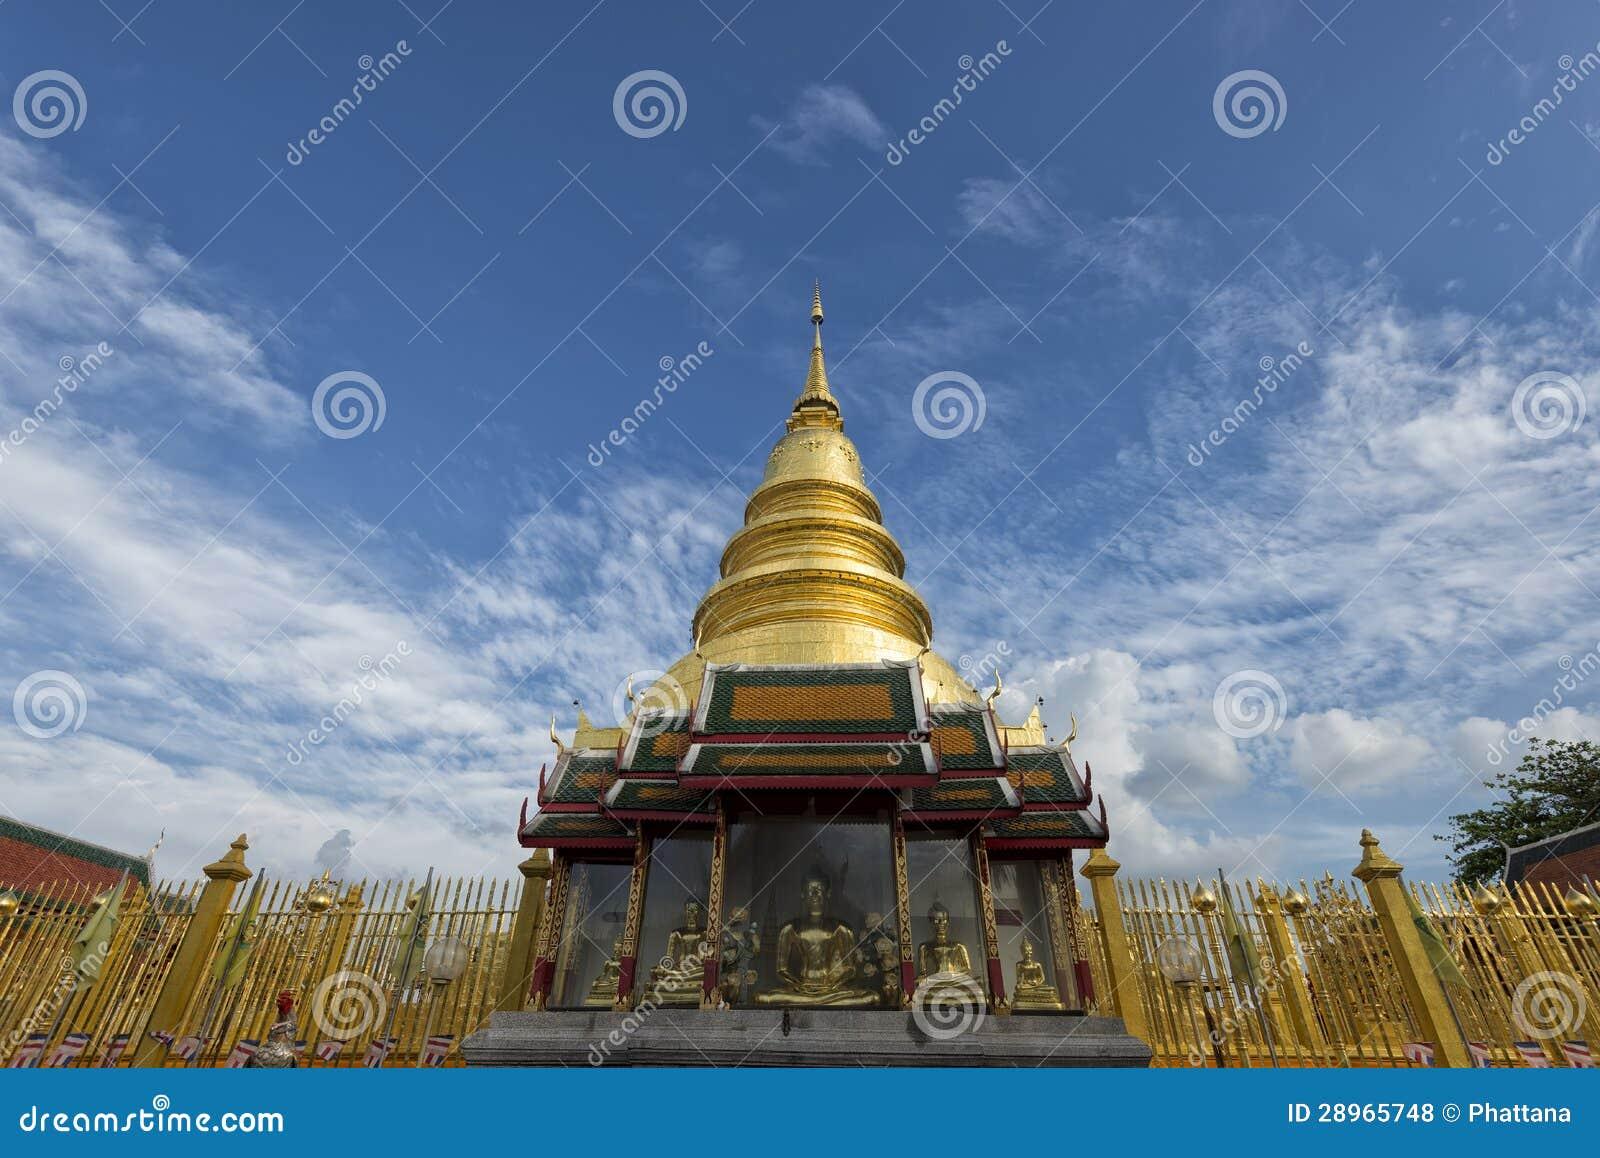 Złota pagoda przy Watem Phra Który Hariphunchai, Lamphun prowincja, Tajlandia